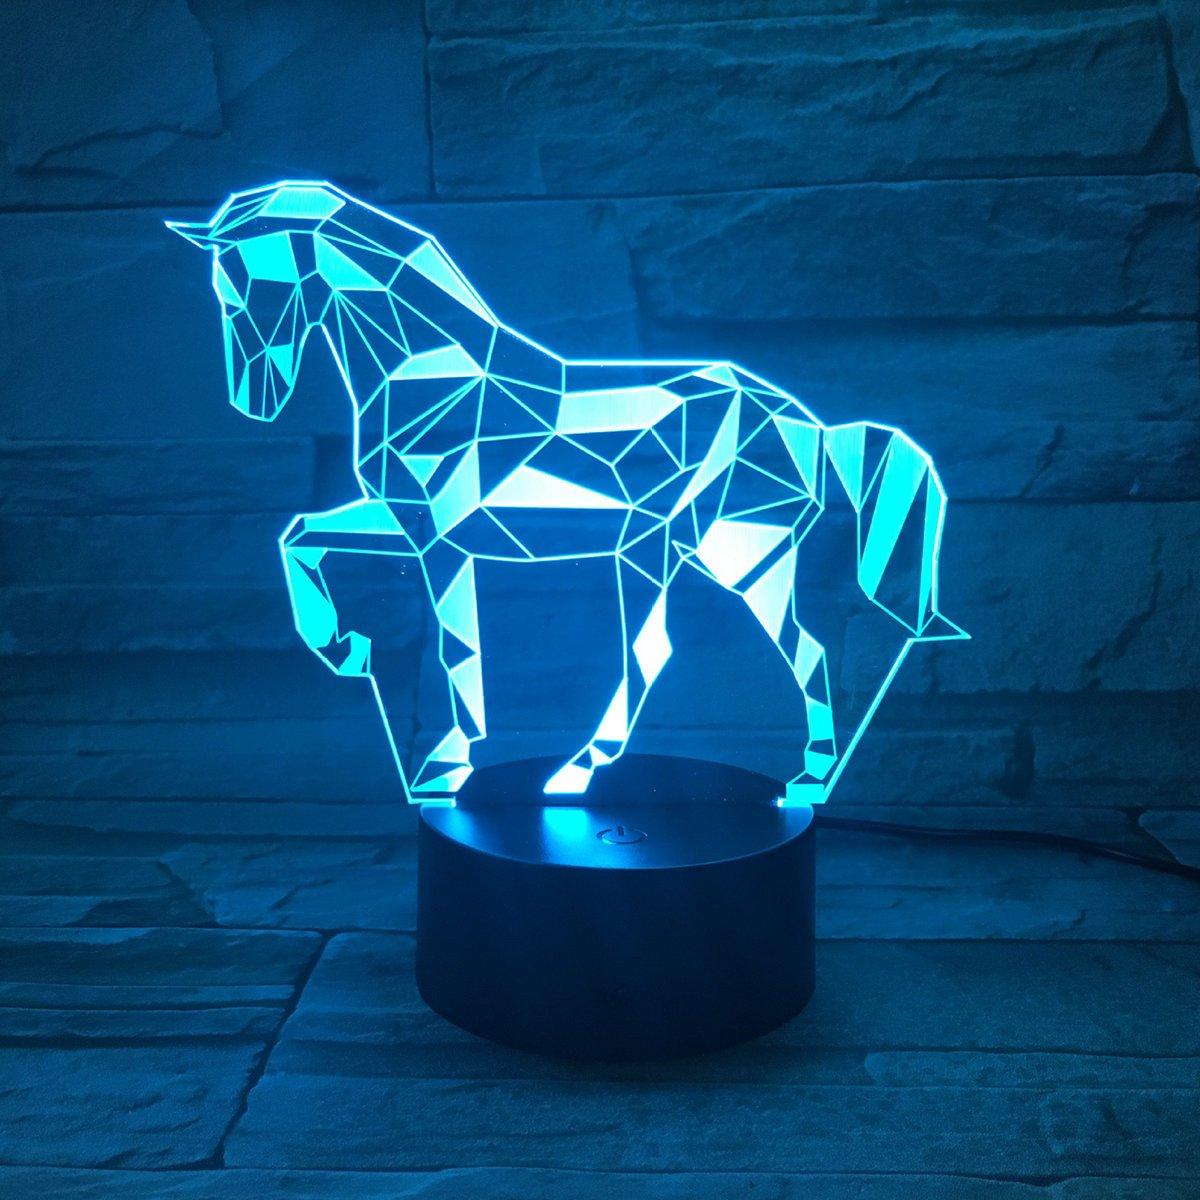 3D Lampe Illusion Optique LED Veilleuse, EASEHOME Optiques Illusions Lampe de Nuit 7 Couleurs Tactile Lampe de Chevet Chambre Table Art Déco Enfant Lumière de Nuit avec Câble USB, Cheval